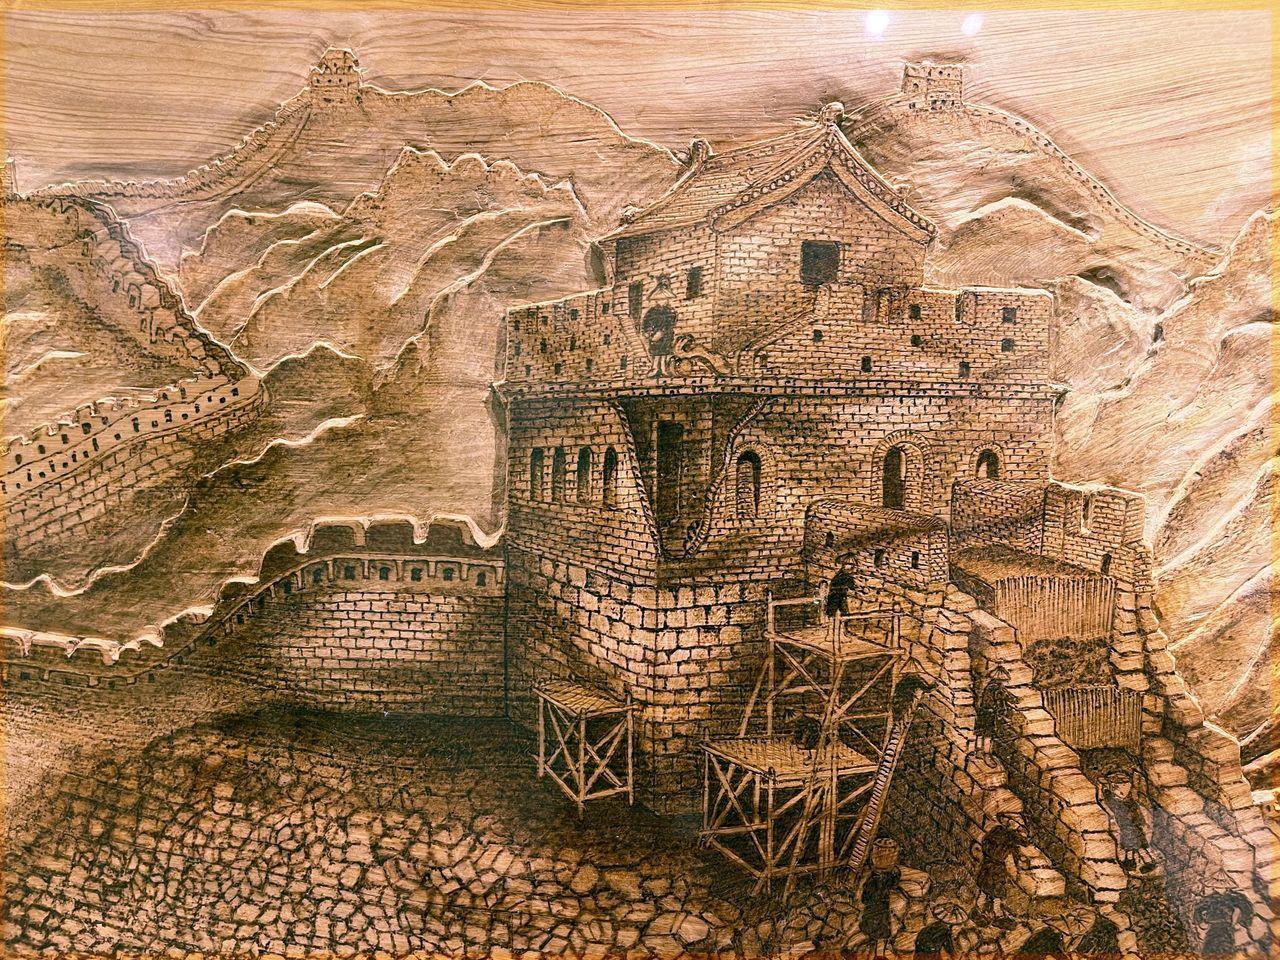 林櫻櫻的烙畫創作「長城」,善用燒烙與雕刻技法完成。 圖/王昭月 攝影